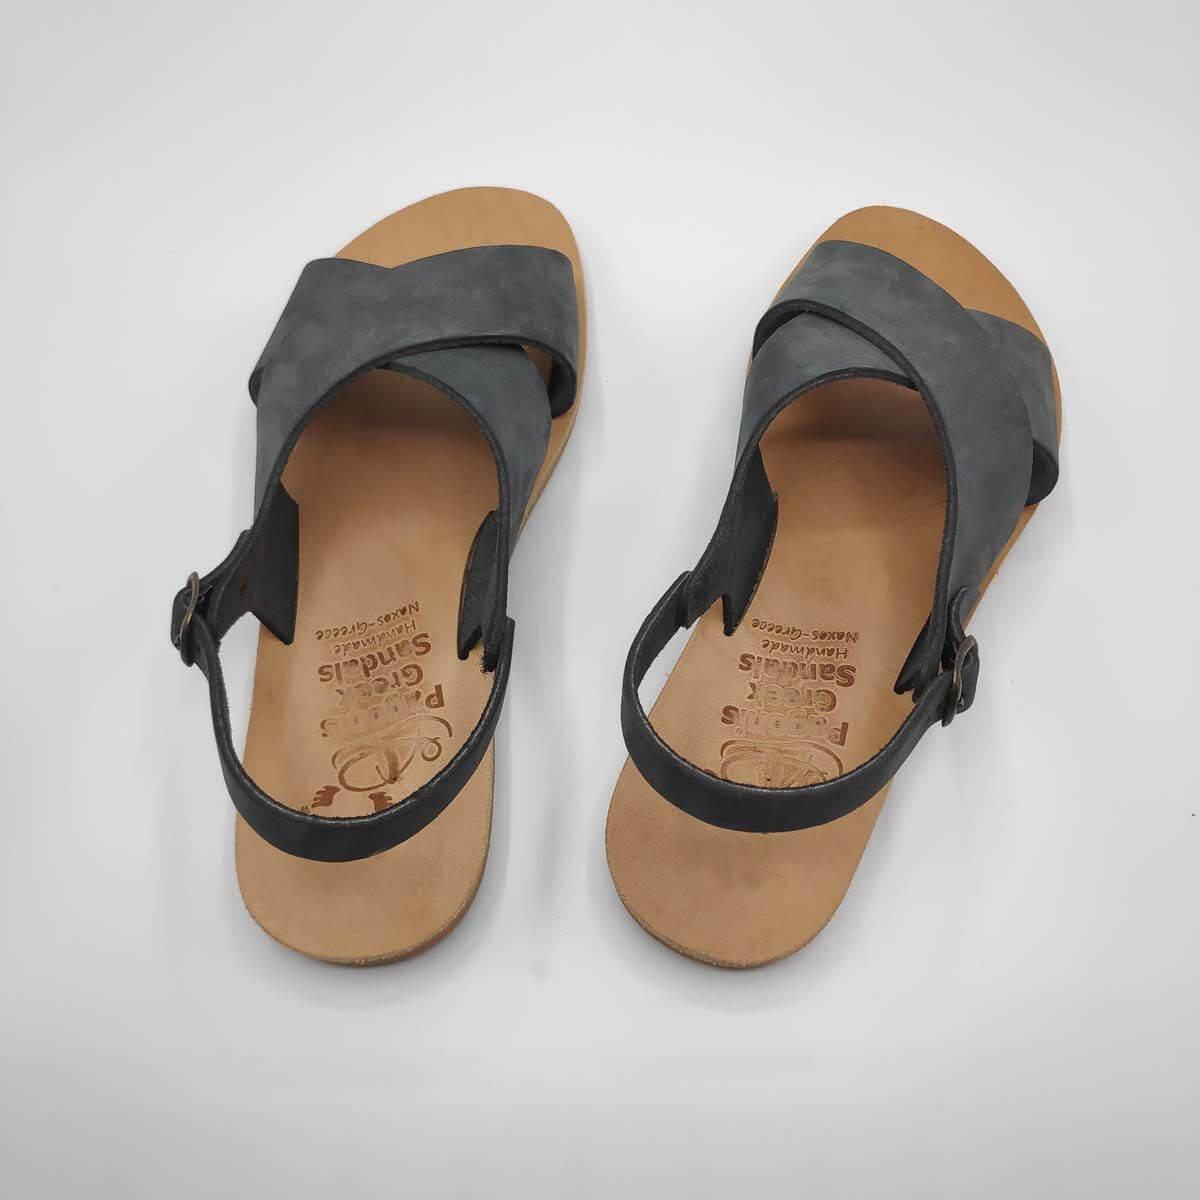 AMITI criss cross sandals   Pagonis Greek Sandals